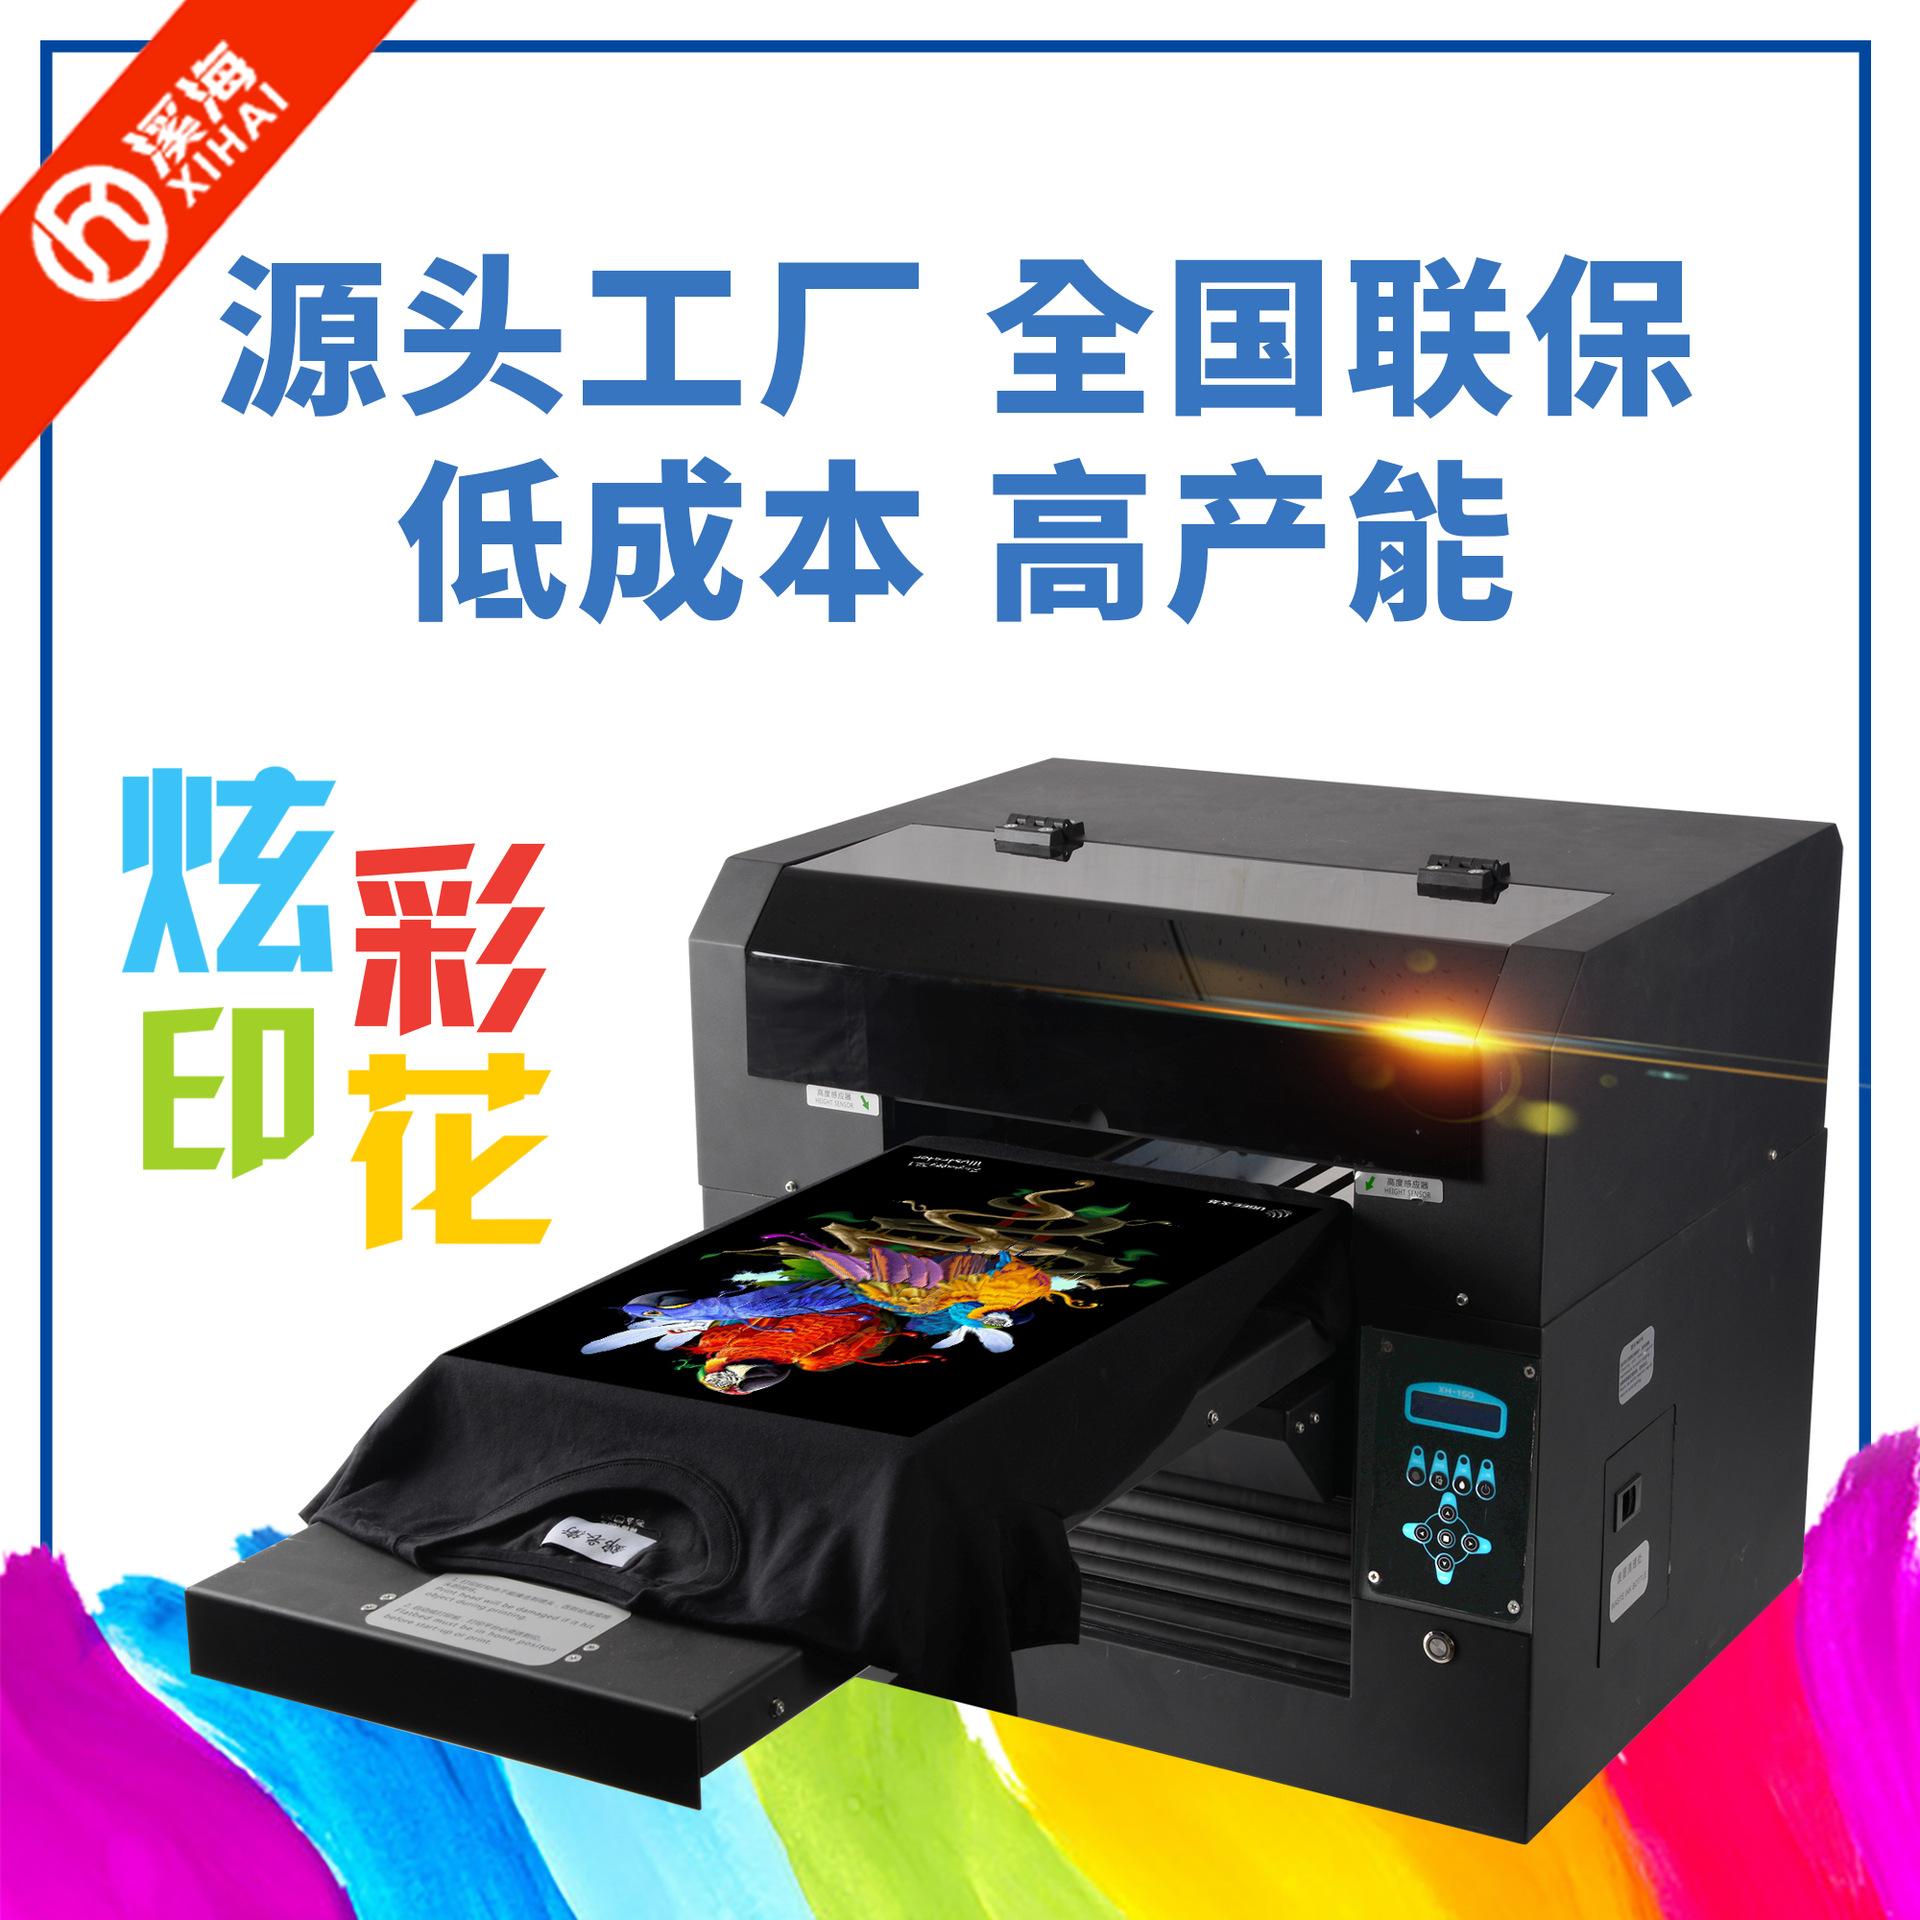 浙江数码印花机服装直喷印花机T恤印花机纯棉成衣童装数码打印机